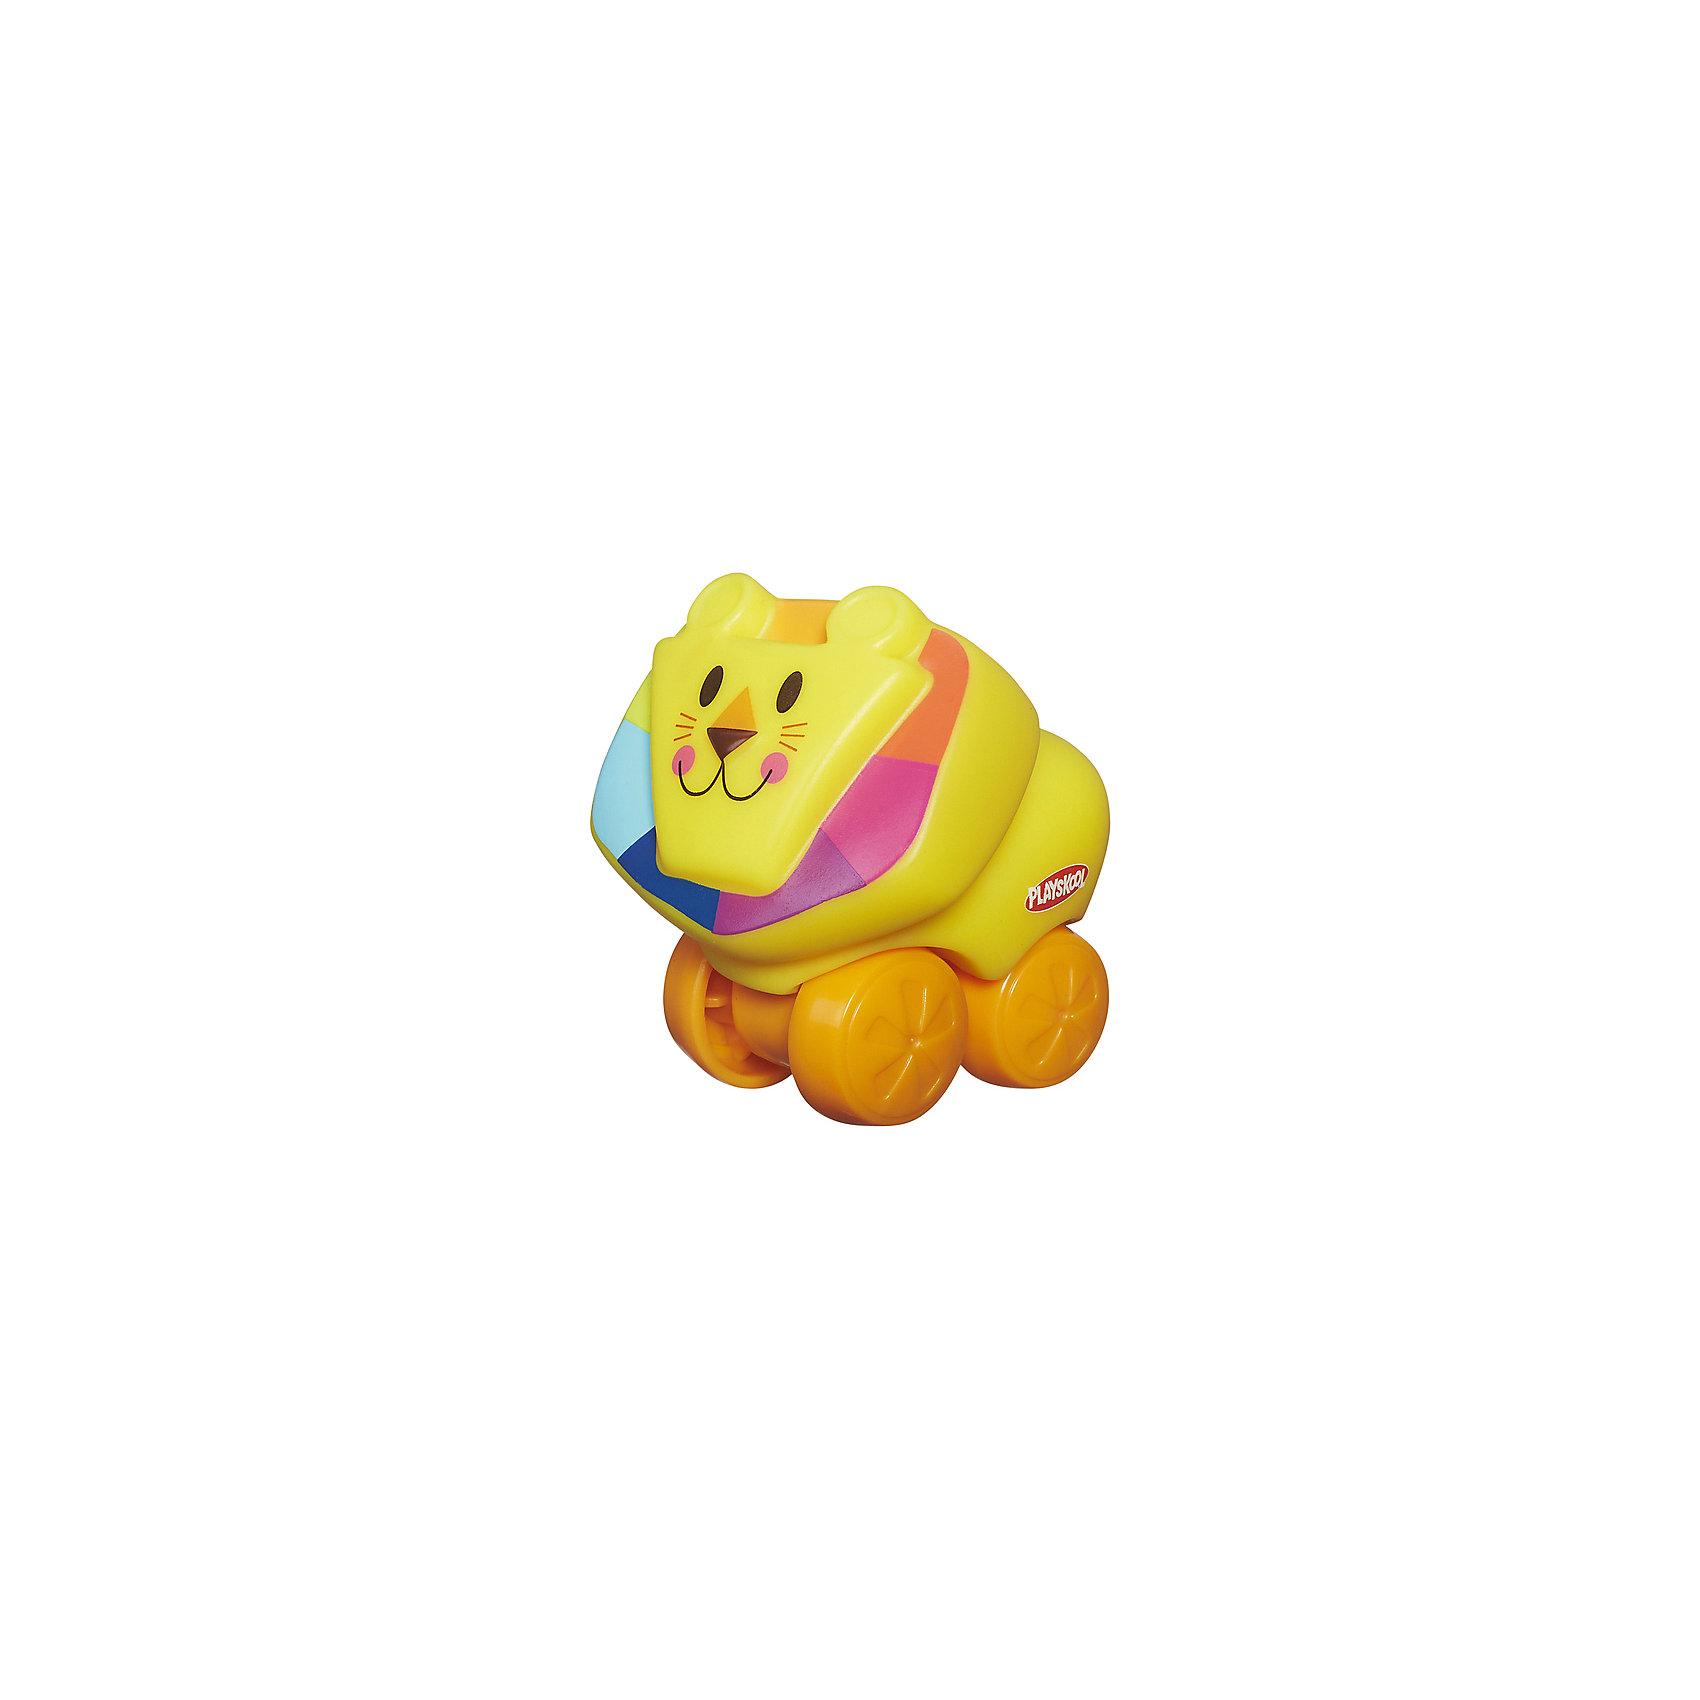 Фото 2 - Игрушка-каталка Playskool